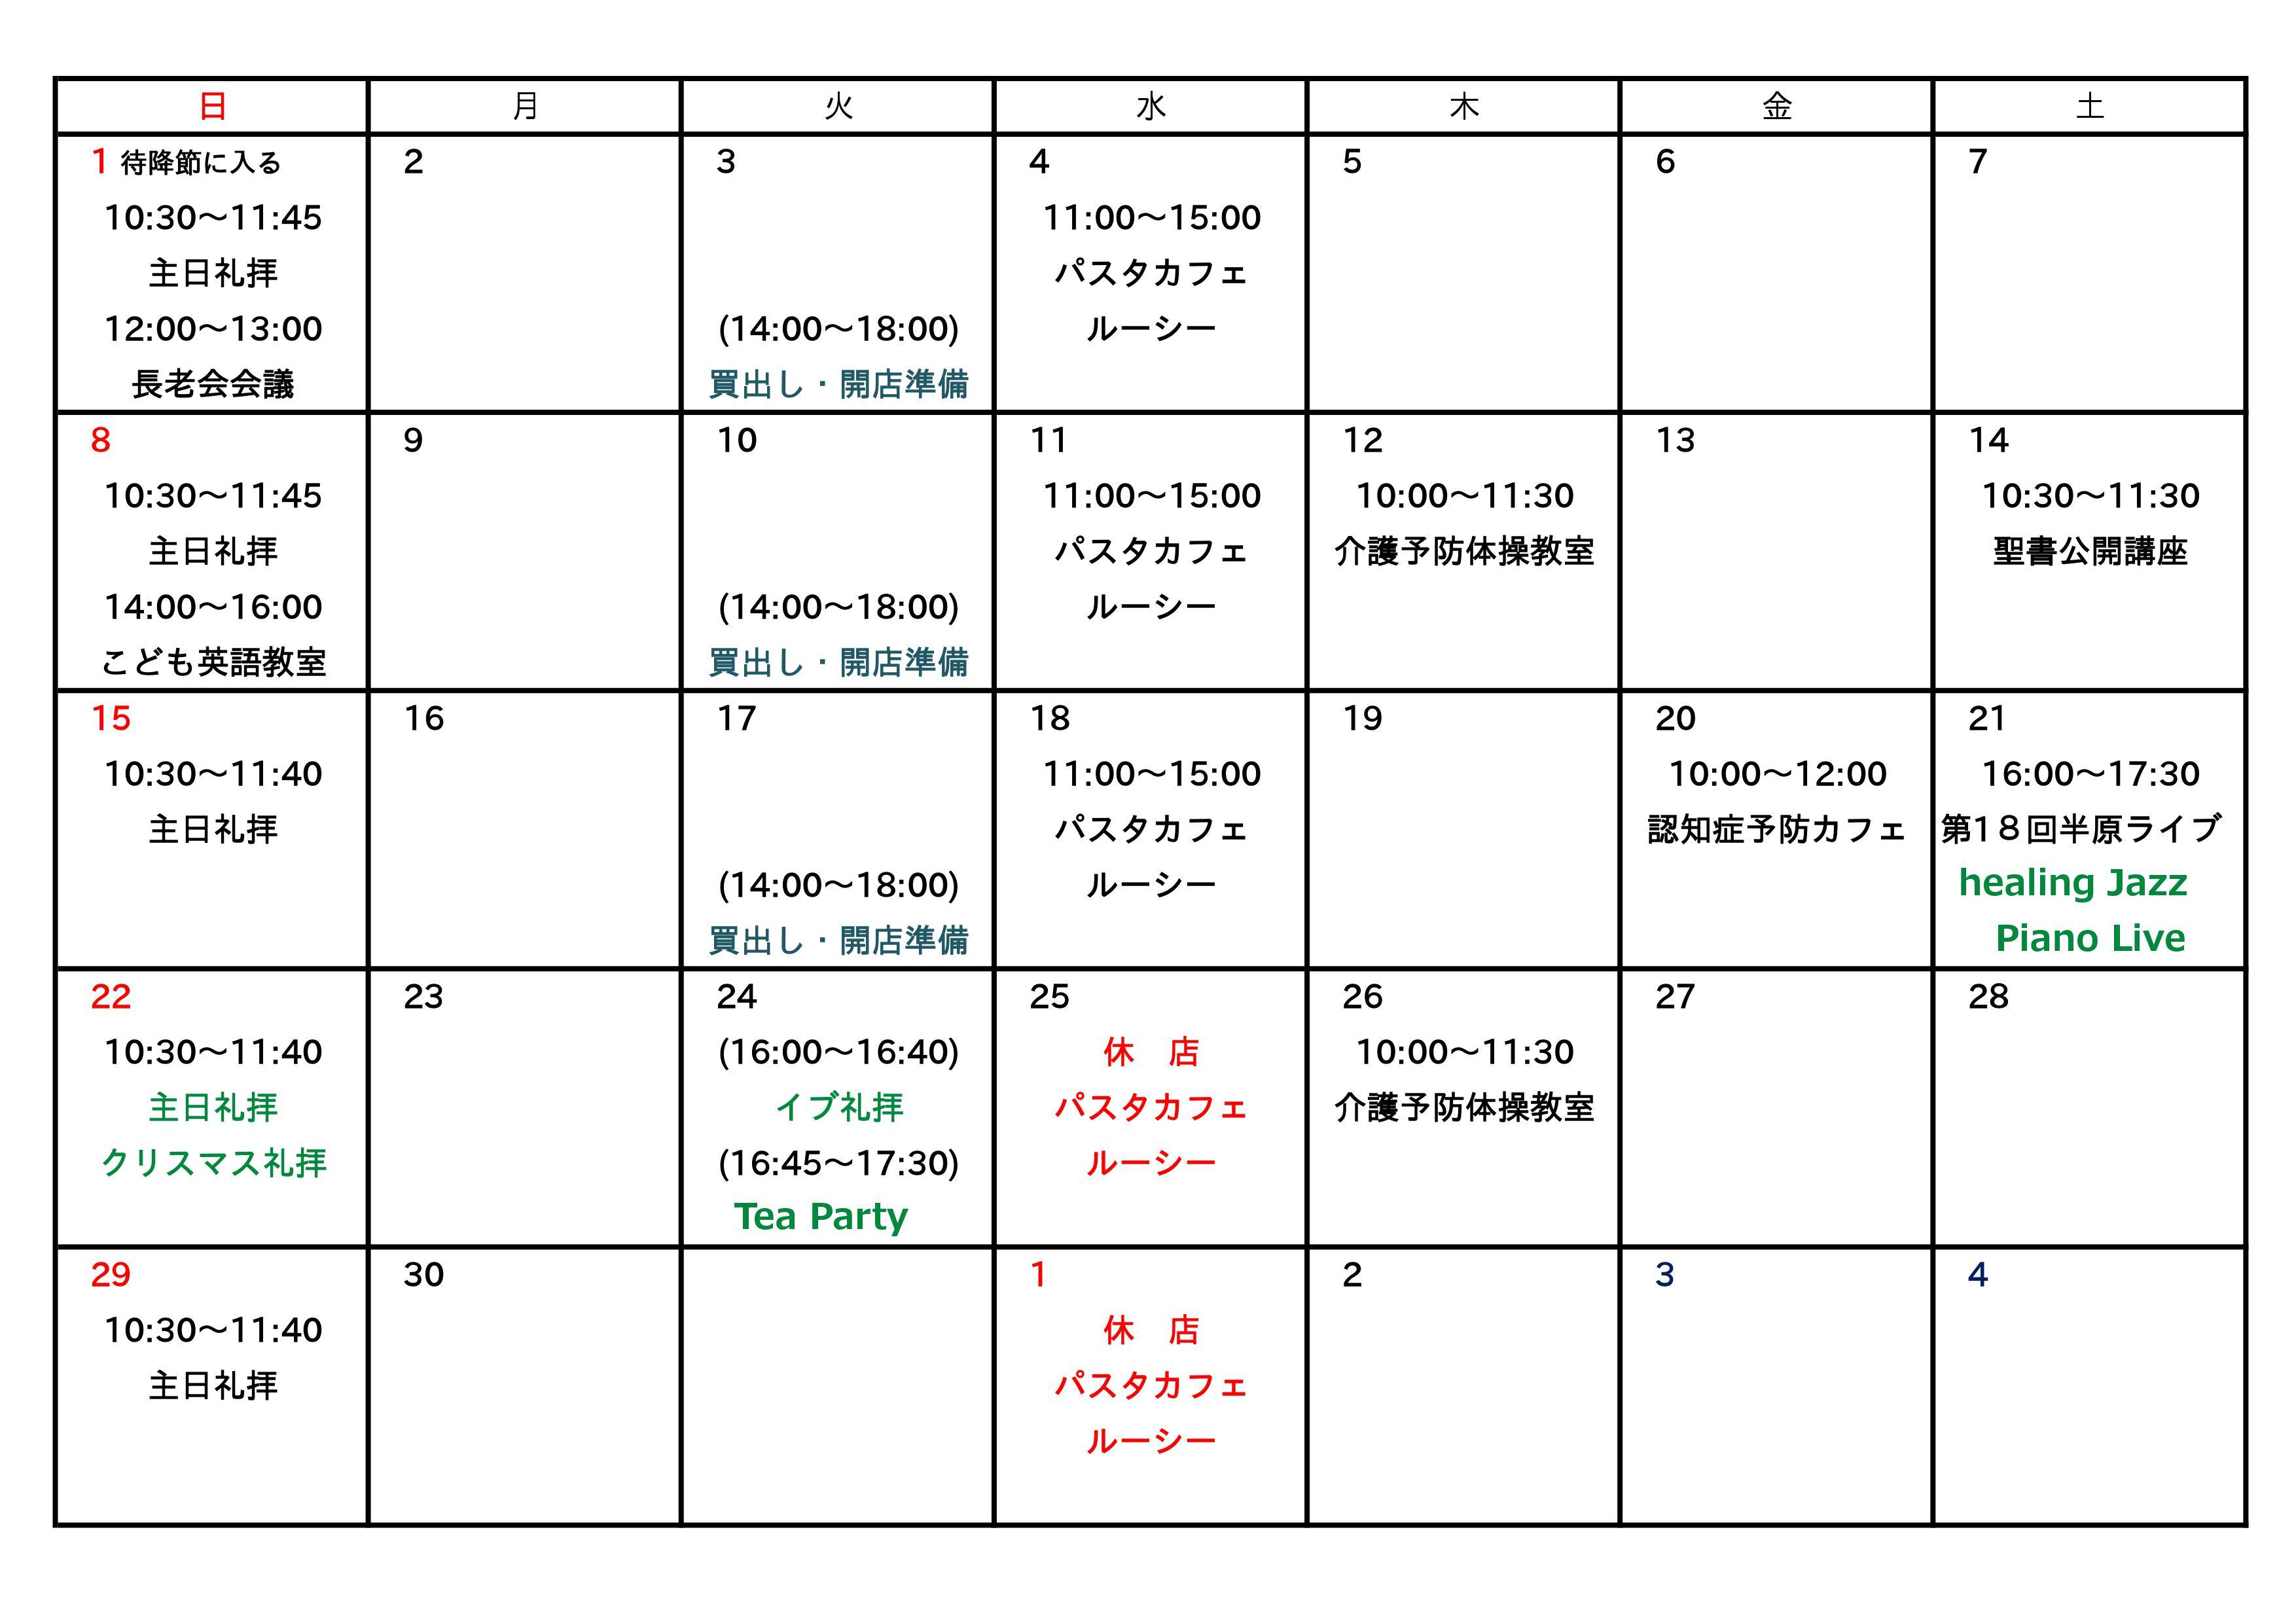 2019.12.月間スケジュール表